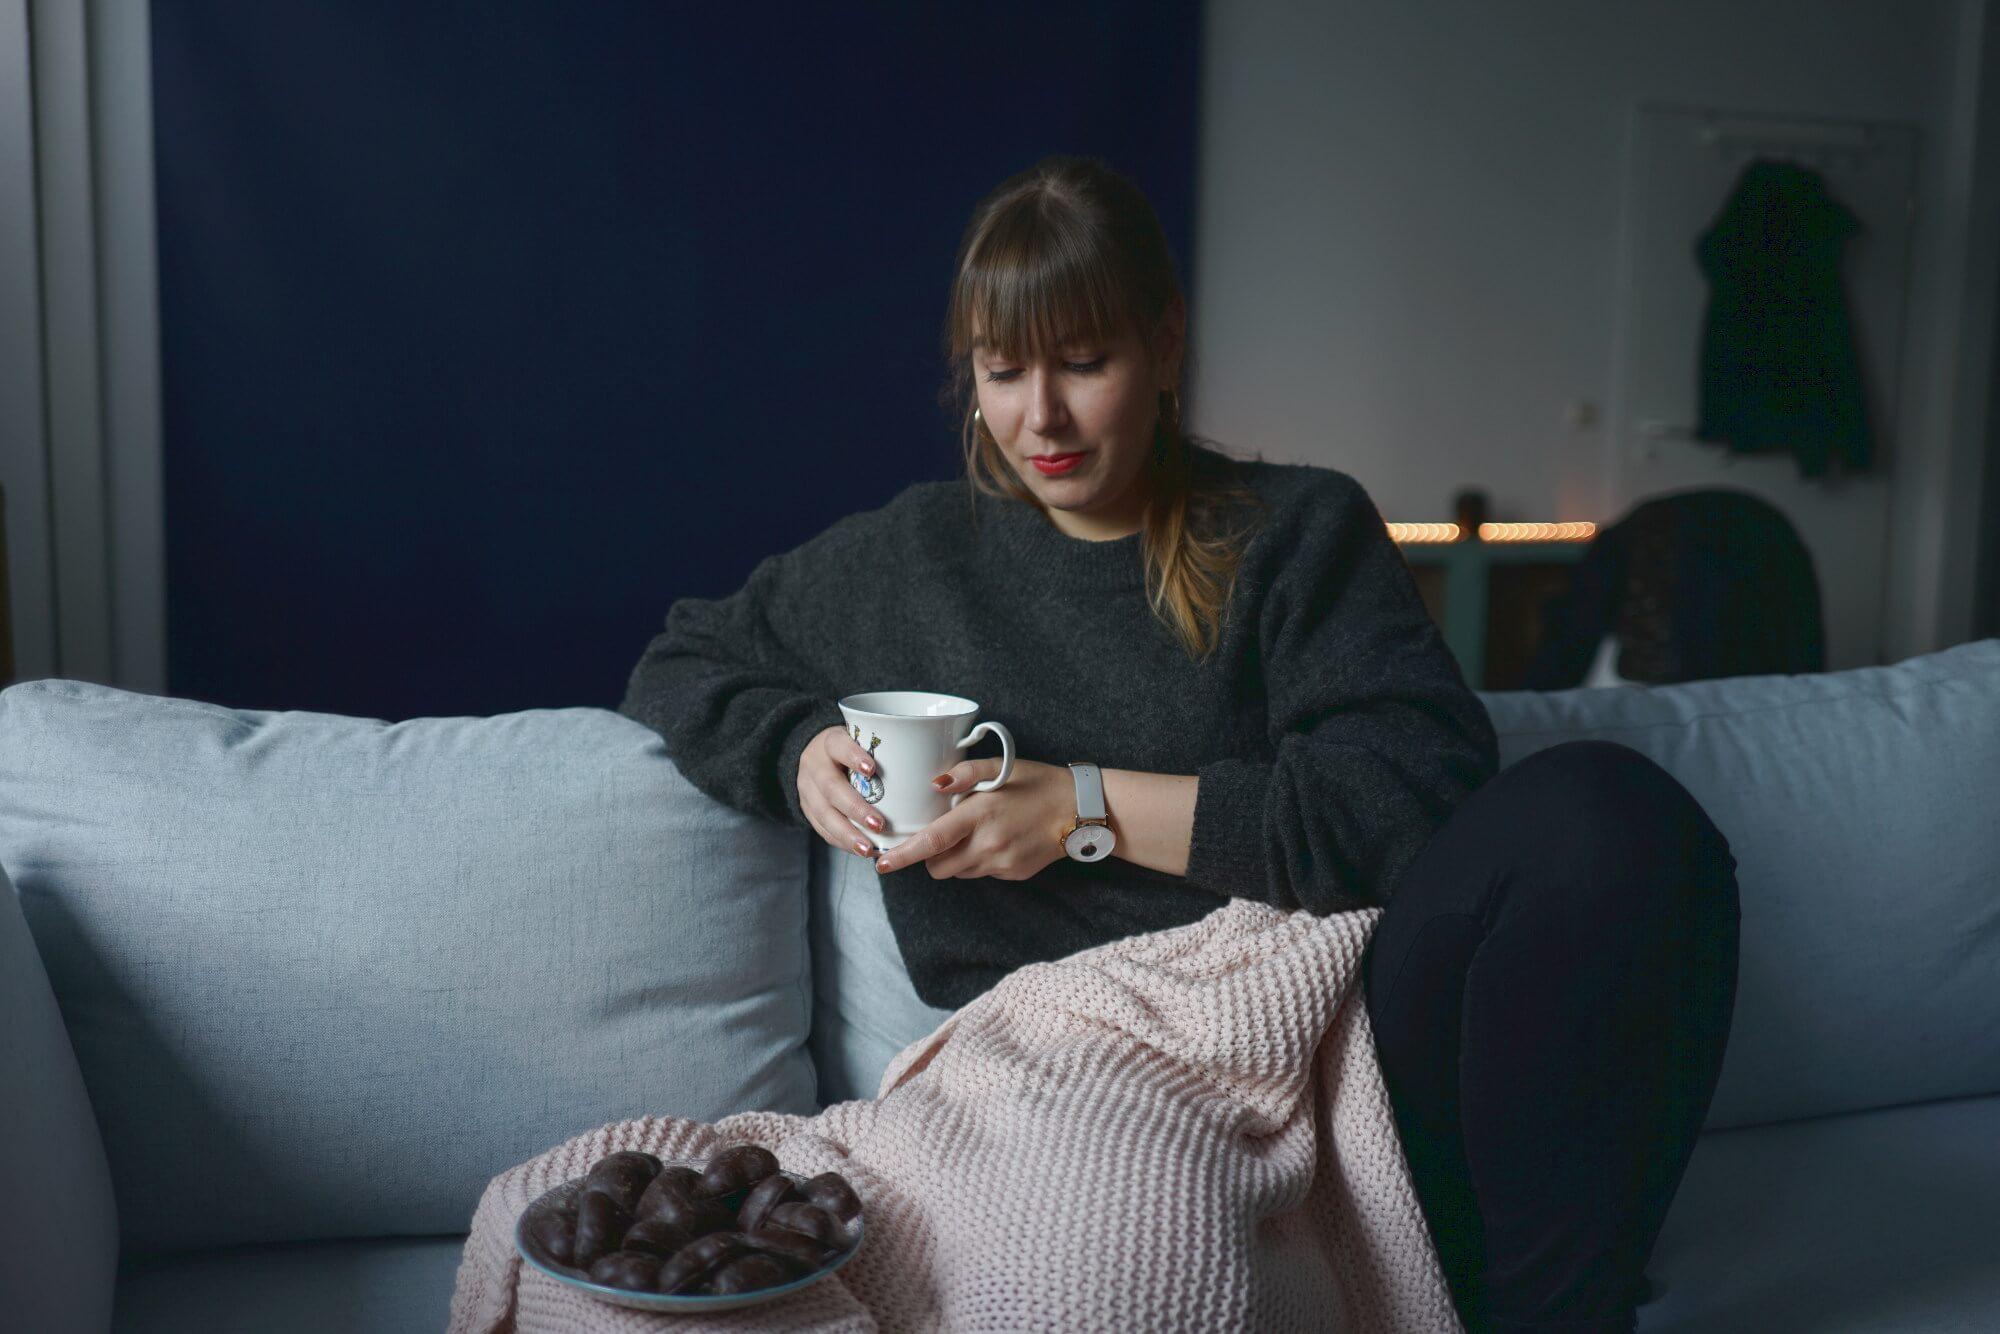 Frau auf Sofa mit Tee und Lebkuchen